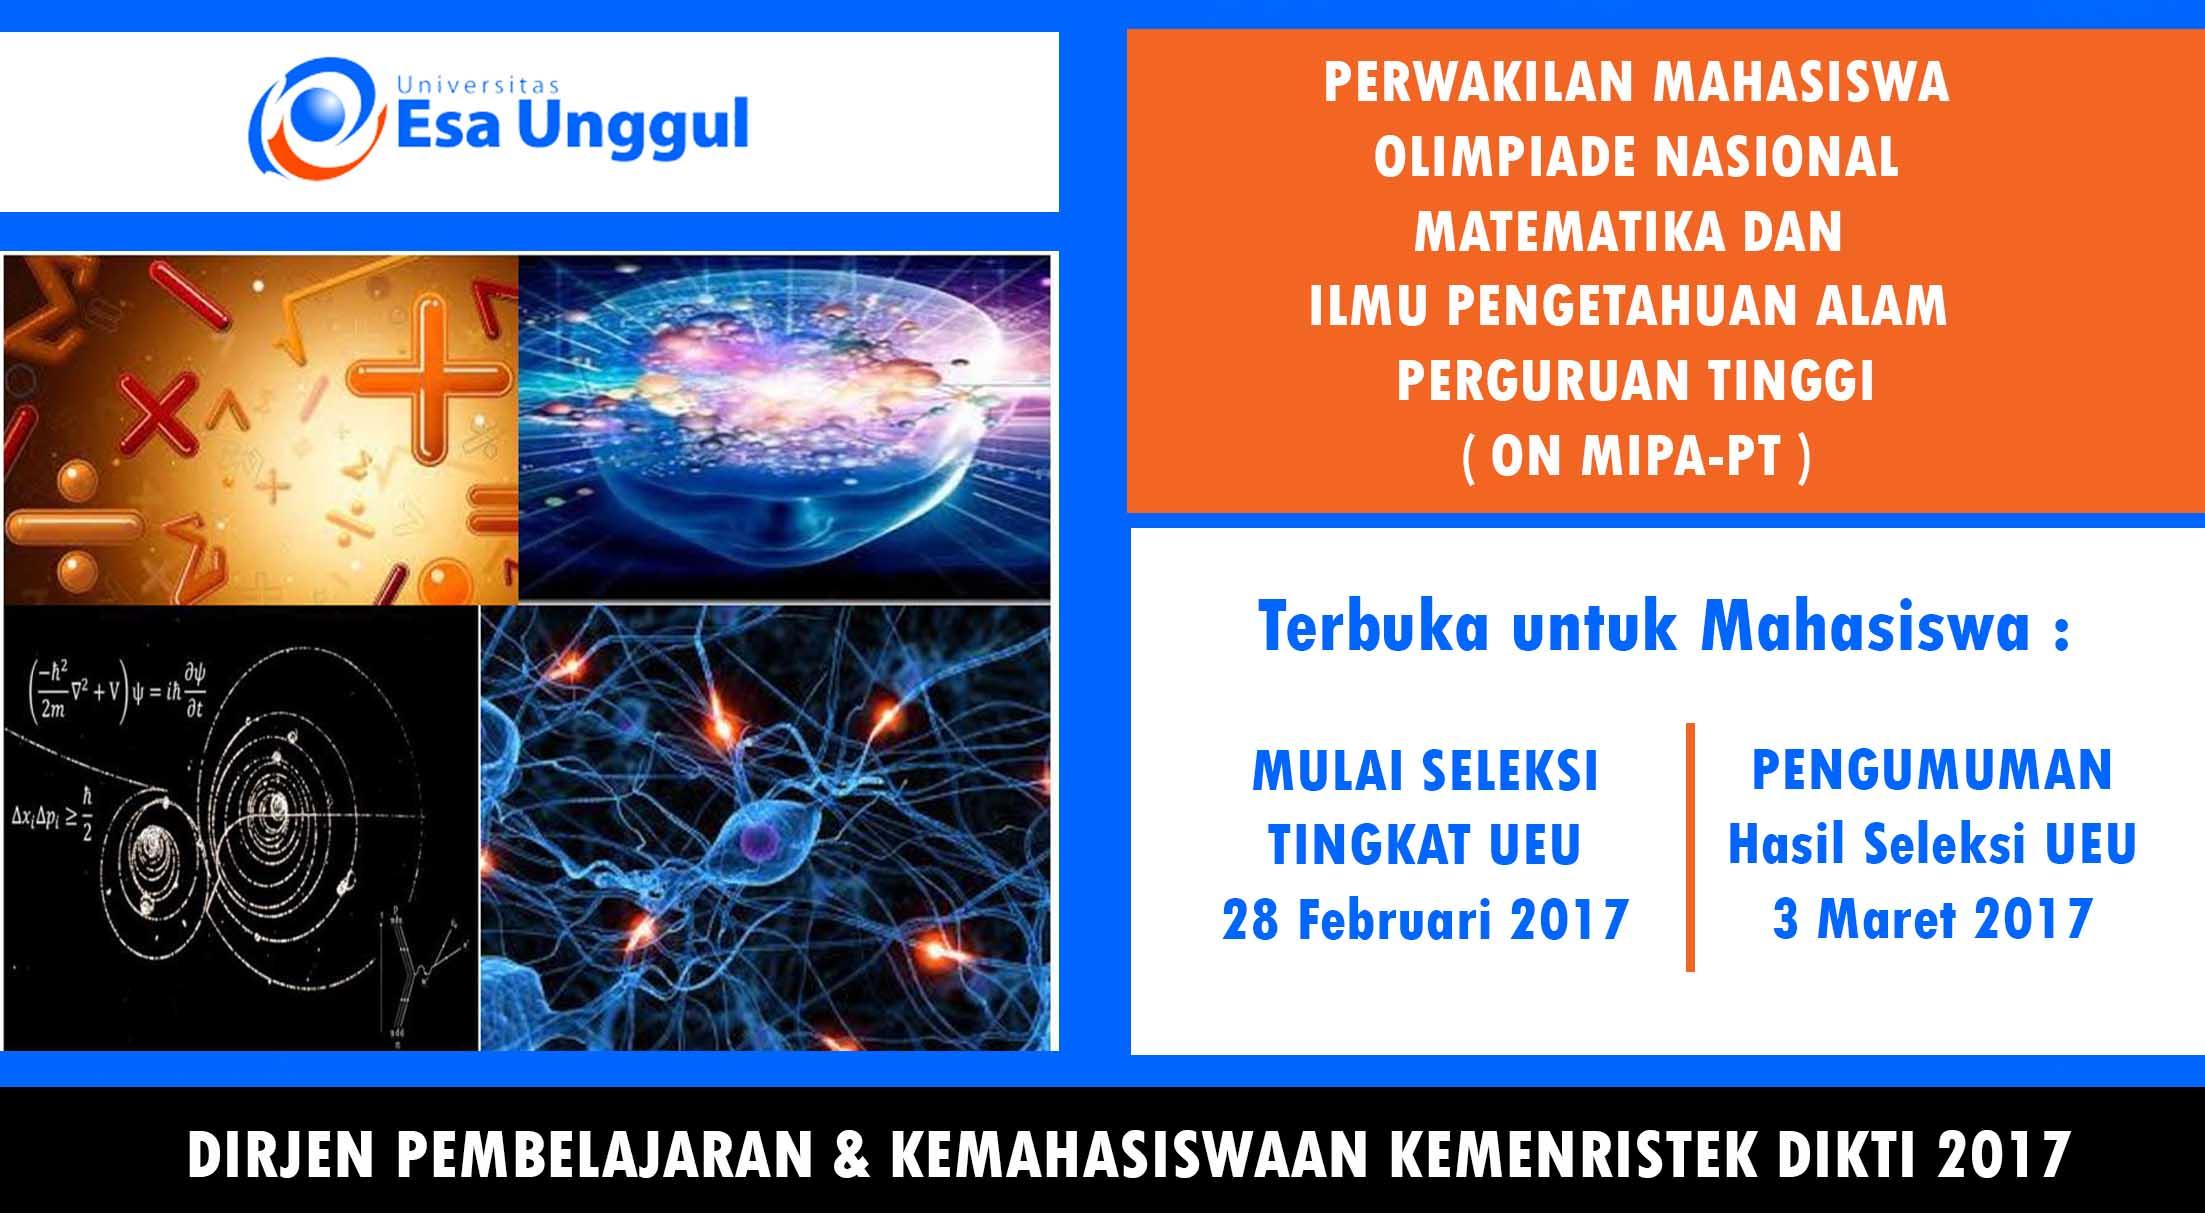 Lomba Olimpiade Nasional Matematika dan Ilmu Pengetahuan Alam Perguruan Tinggi 2017 Tingkat Universitas Esa Unggul